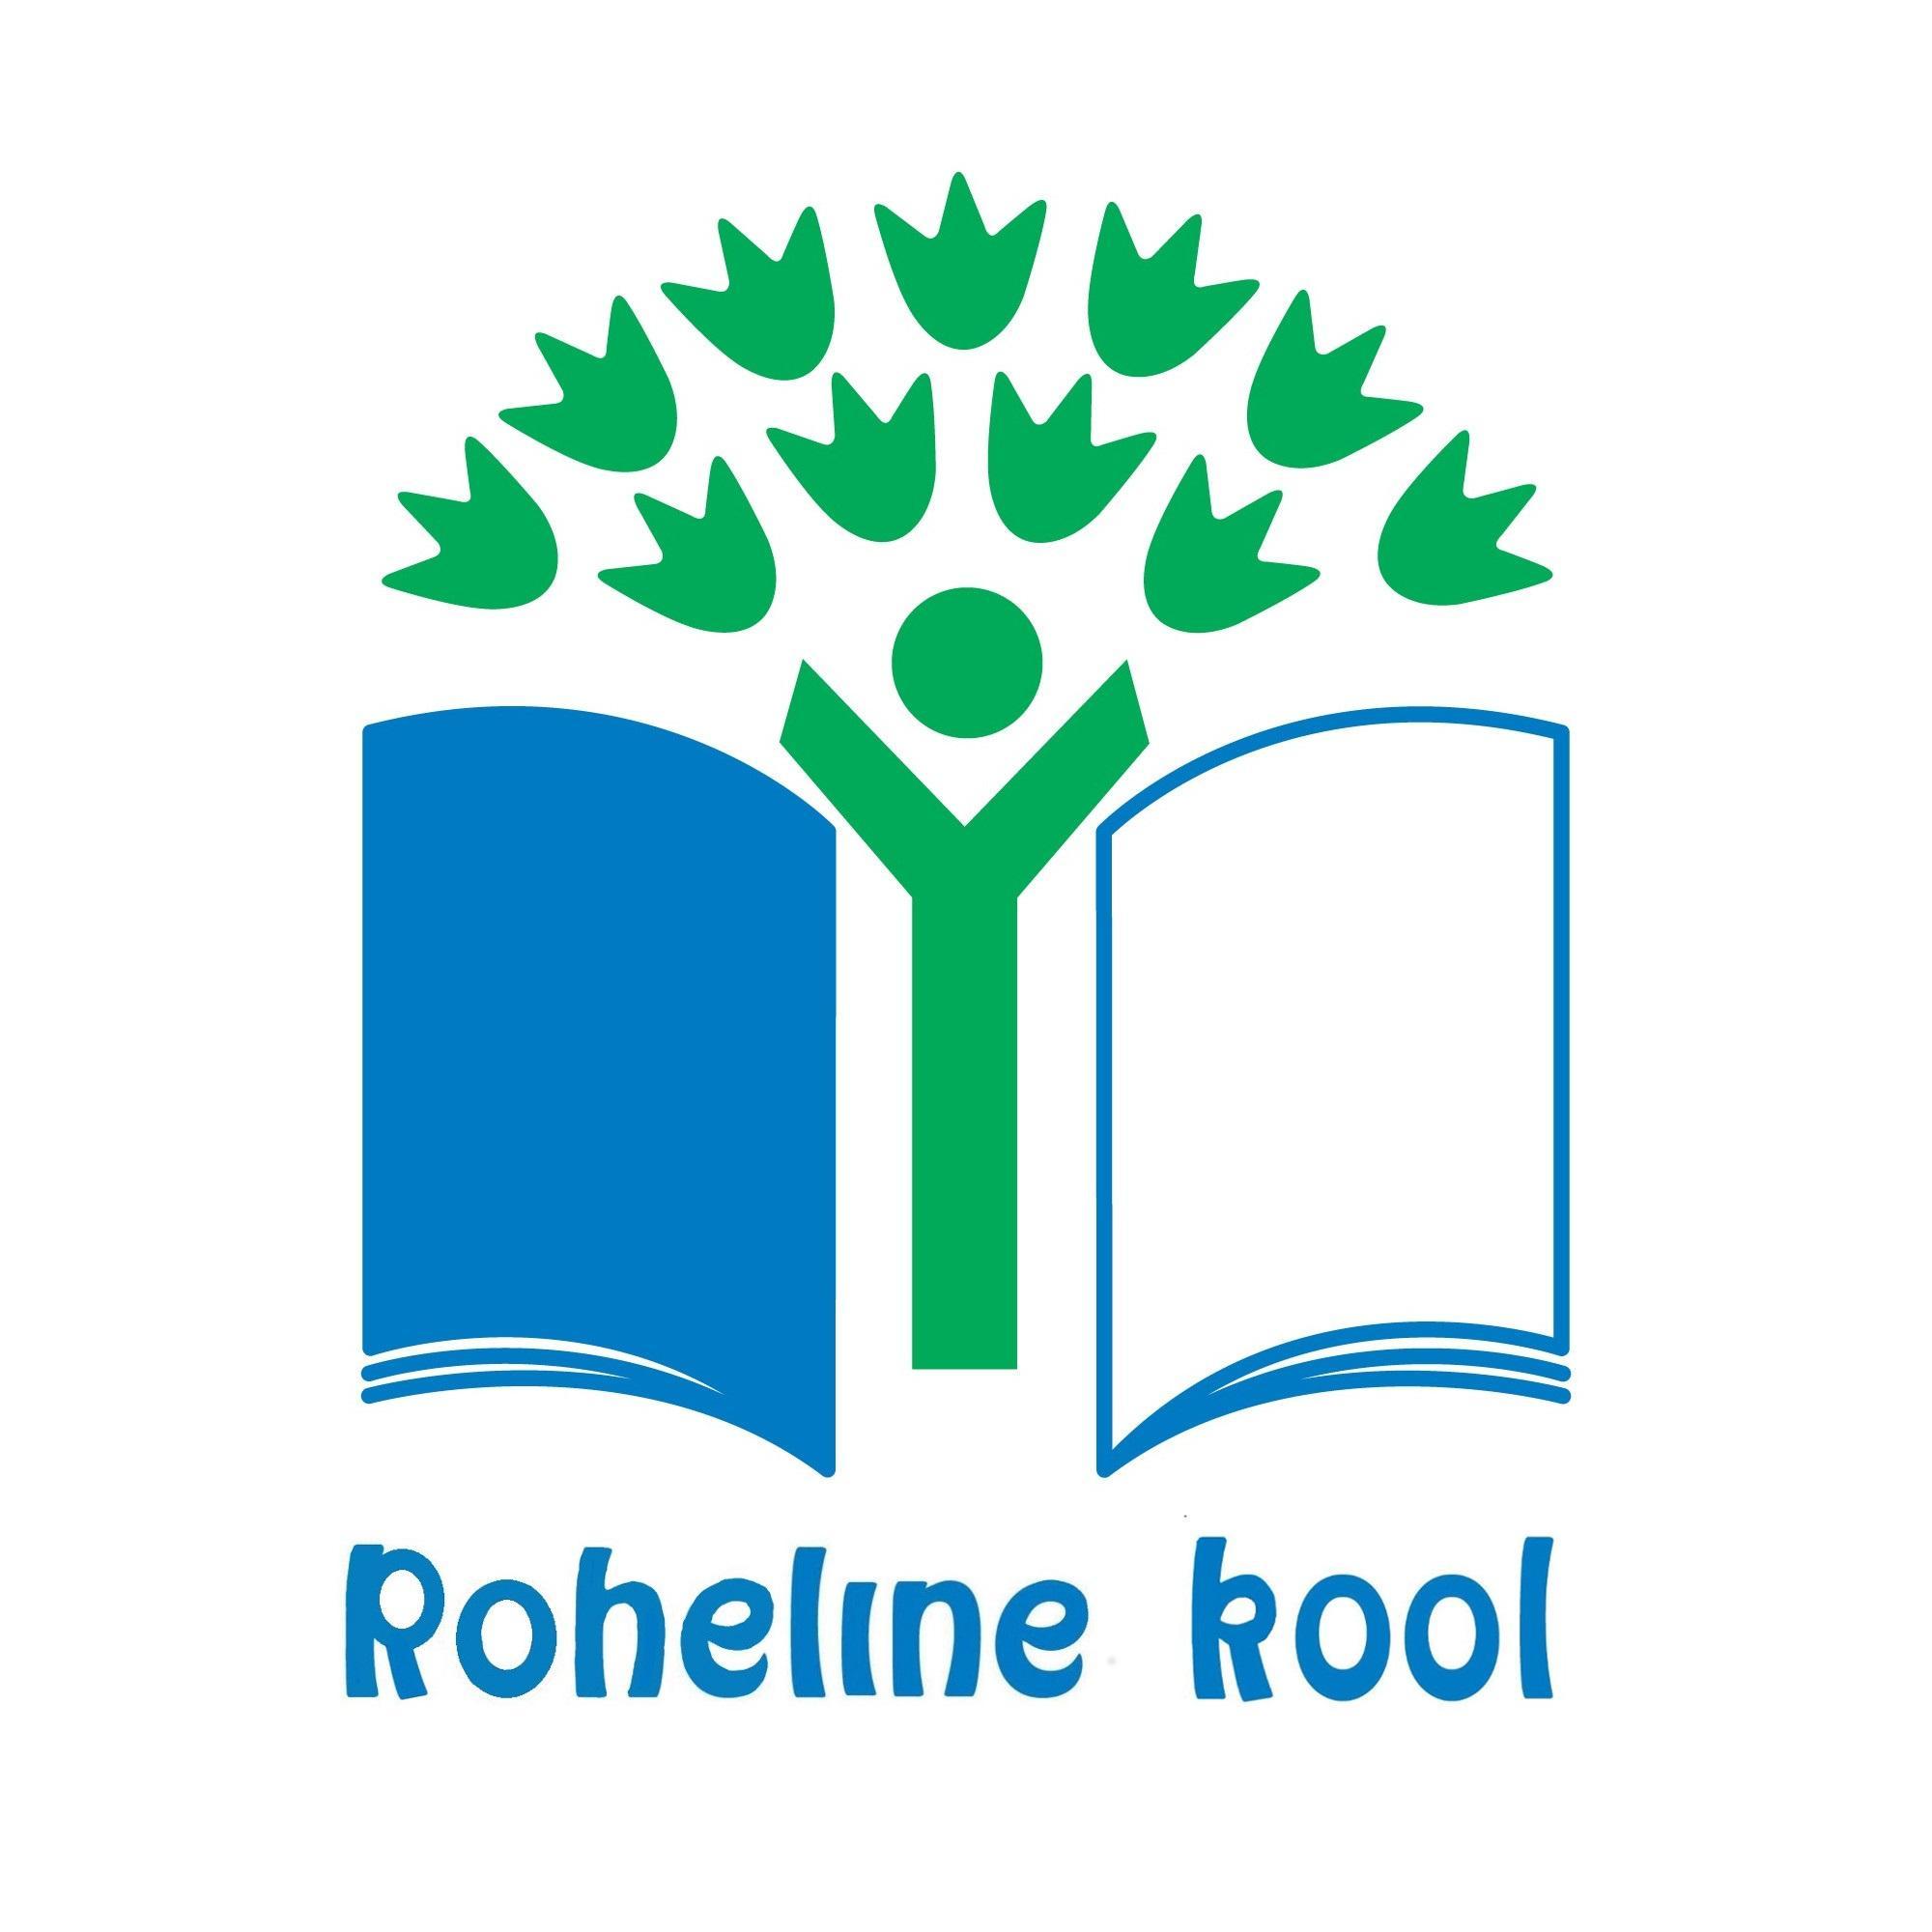 Roaheline kool